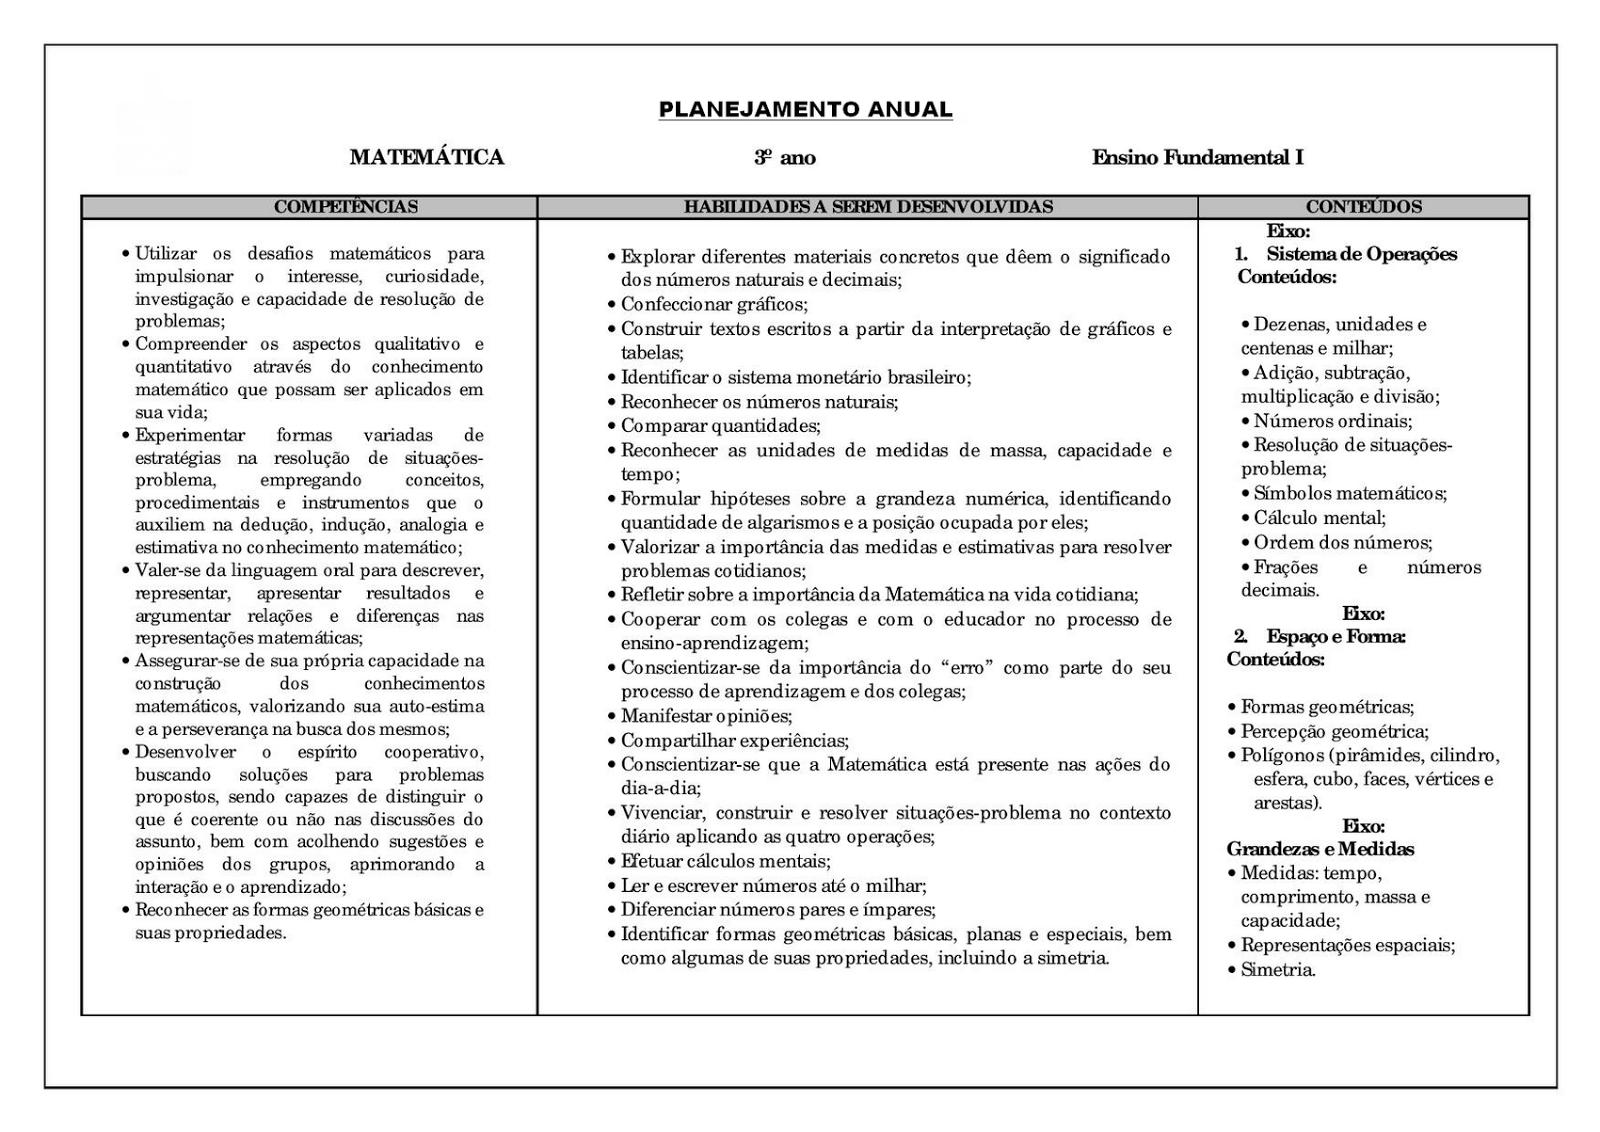 Amado PLANEJAMENTO ANUAL 3° ANO FUNDAMENTAL COMPLETO ATIVIDADES (IMAGENS  CM34